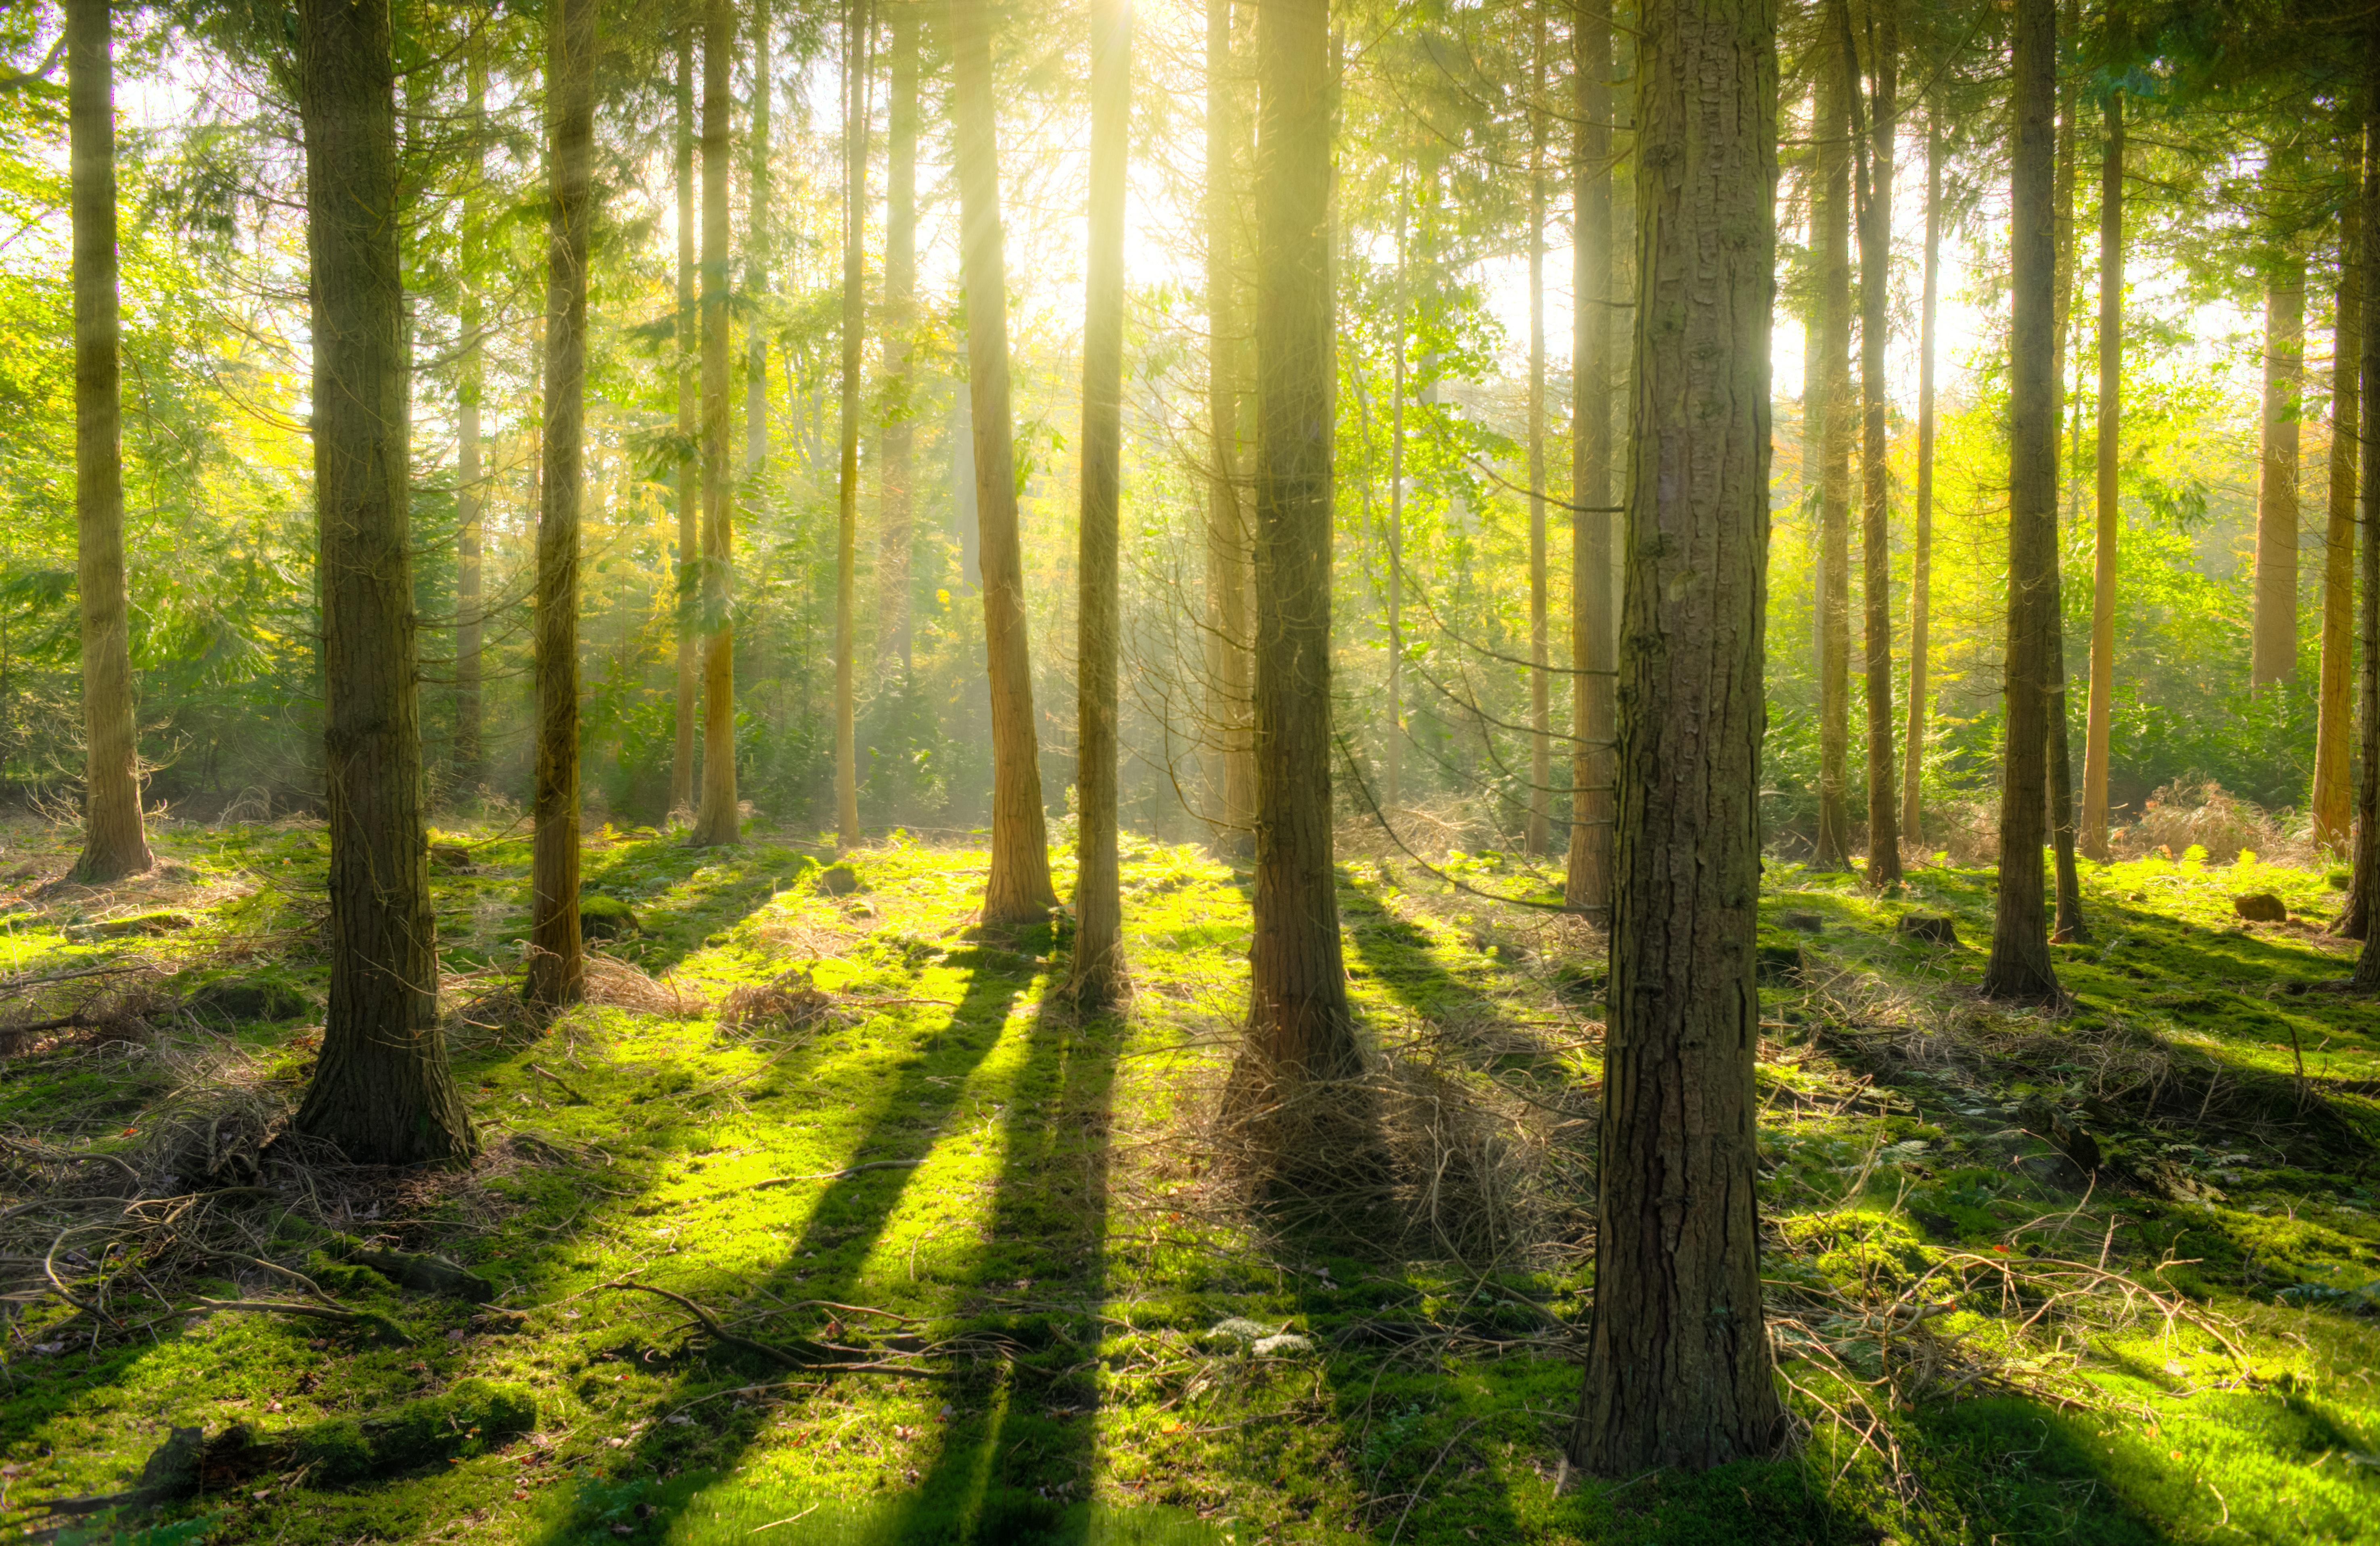 Brak wykonywania obowiązków z zakresu gospodarki leśnej przez właściciela lasu prywatnego - zdjęcie